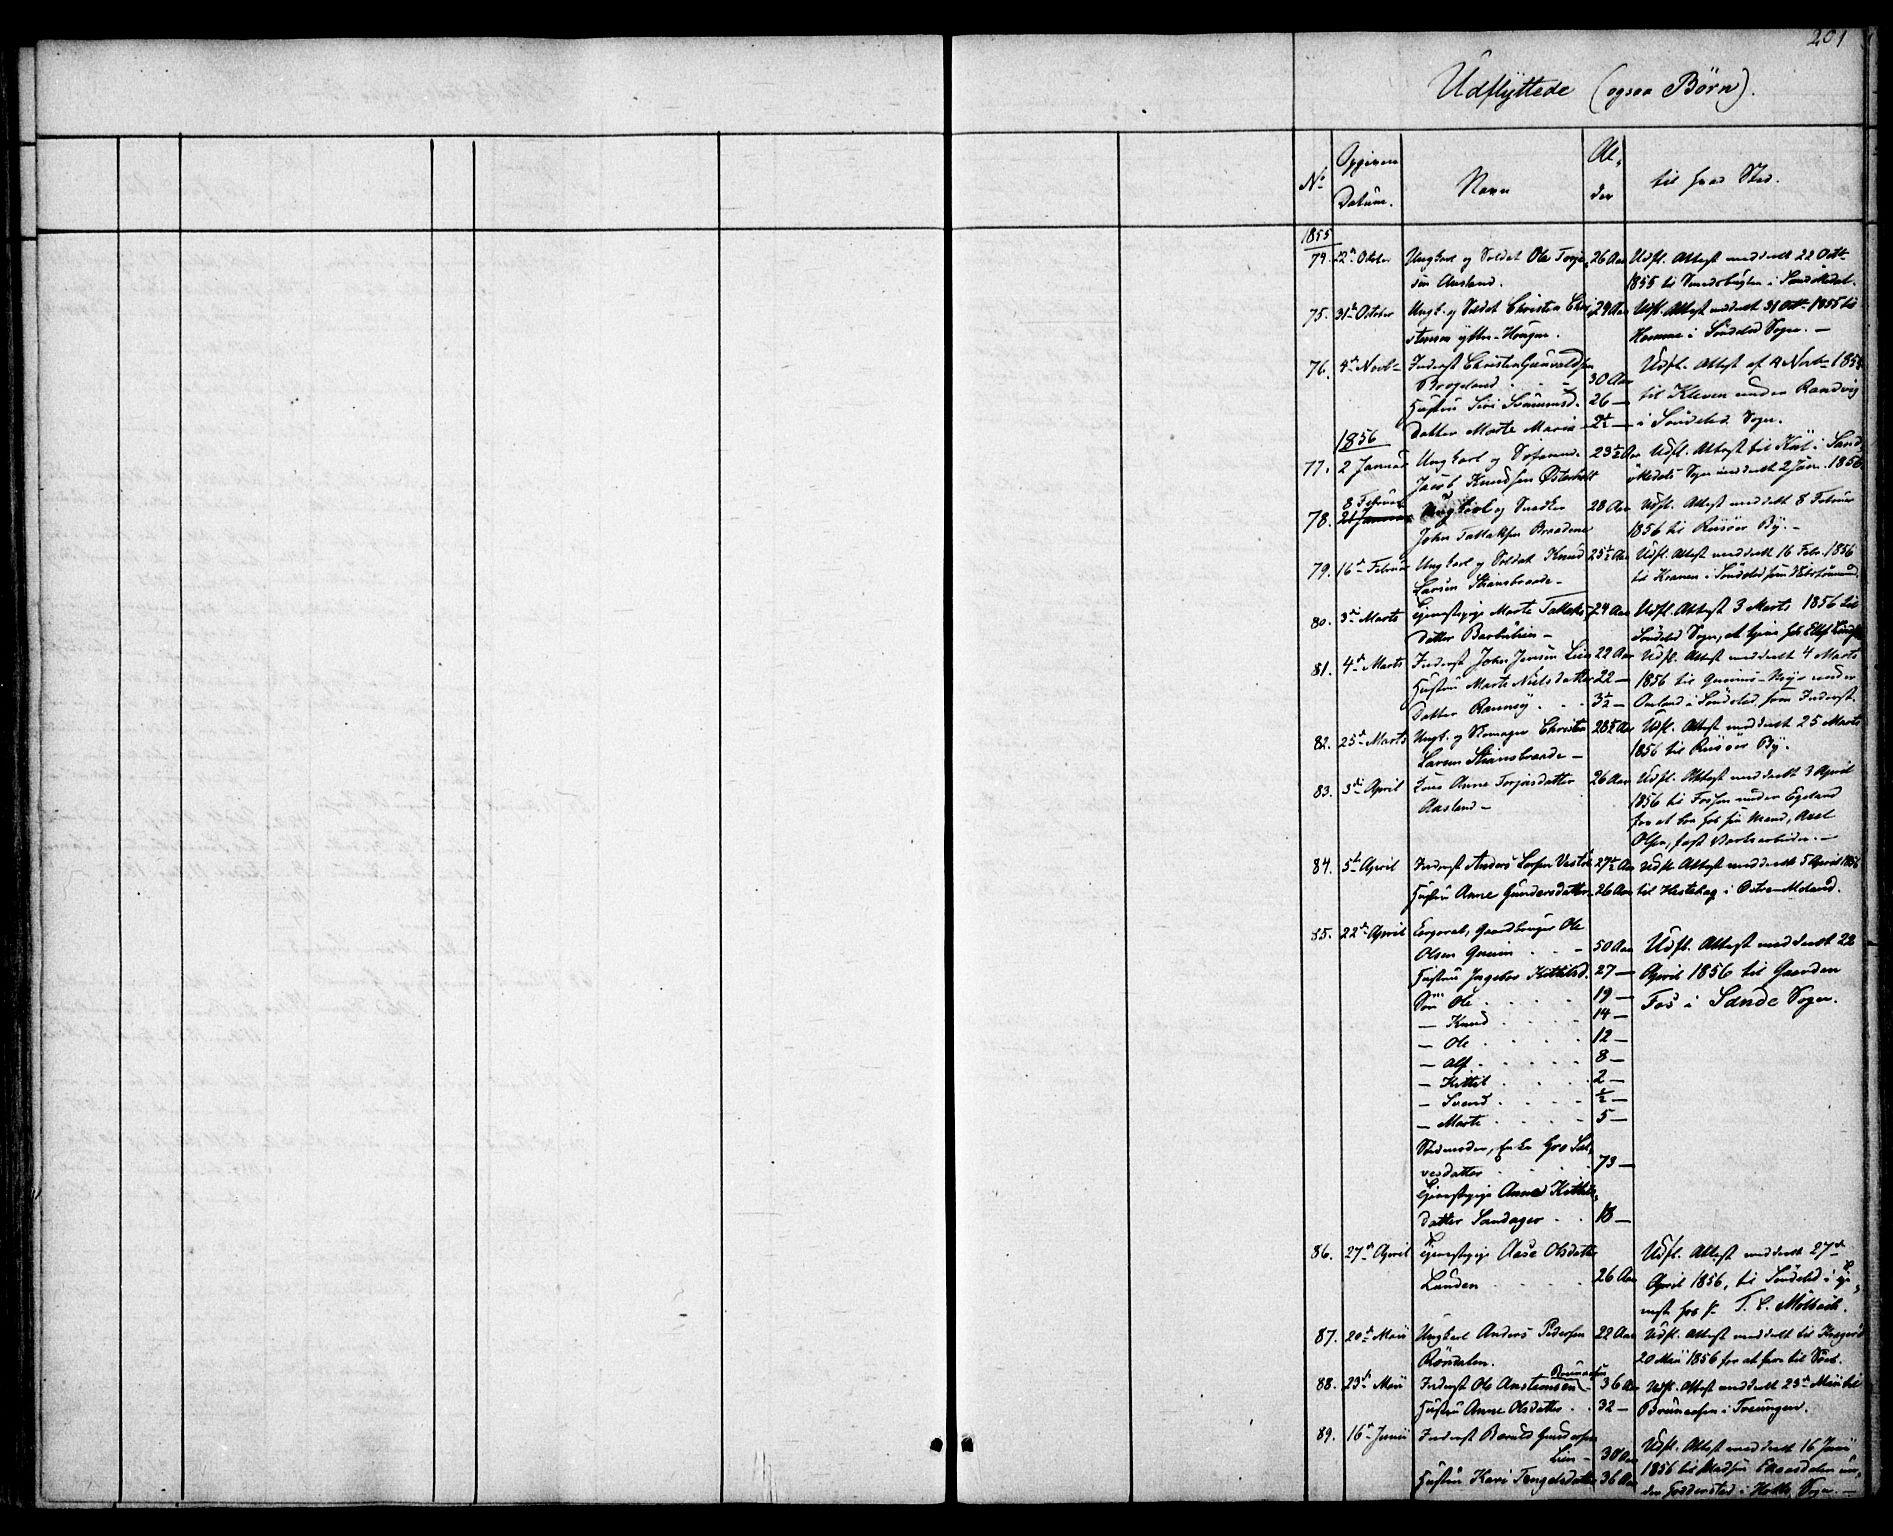 SAK, Gjerstad sokneprestkontor, F/Fa/Faa/L0006: Ministerialbok nr. A 6, 1841-1857, s. 201